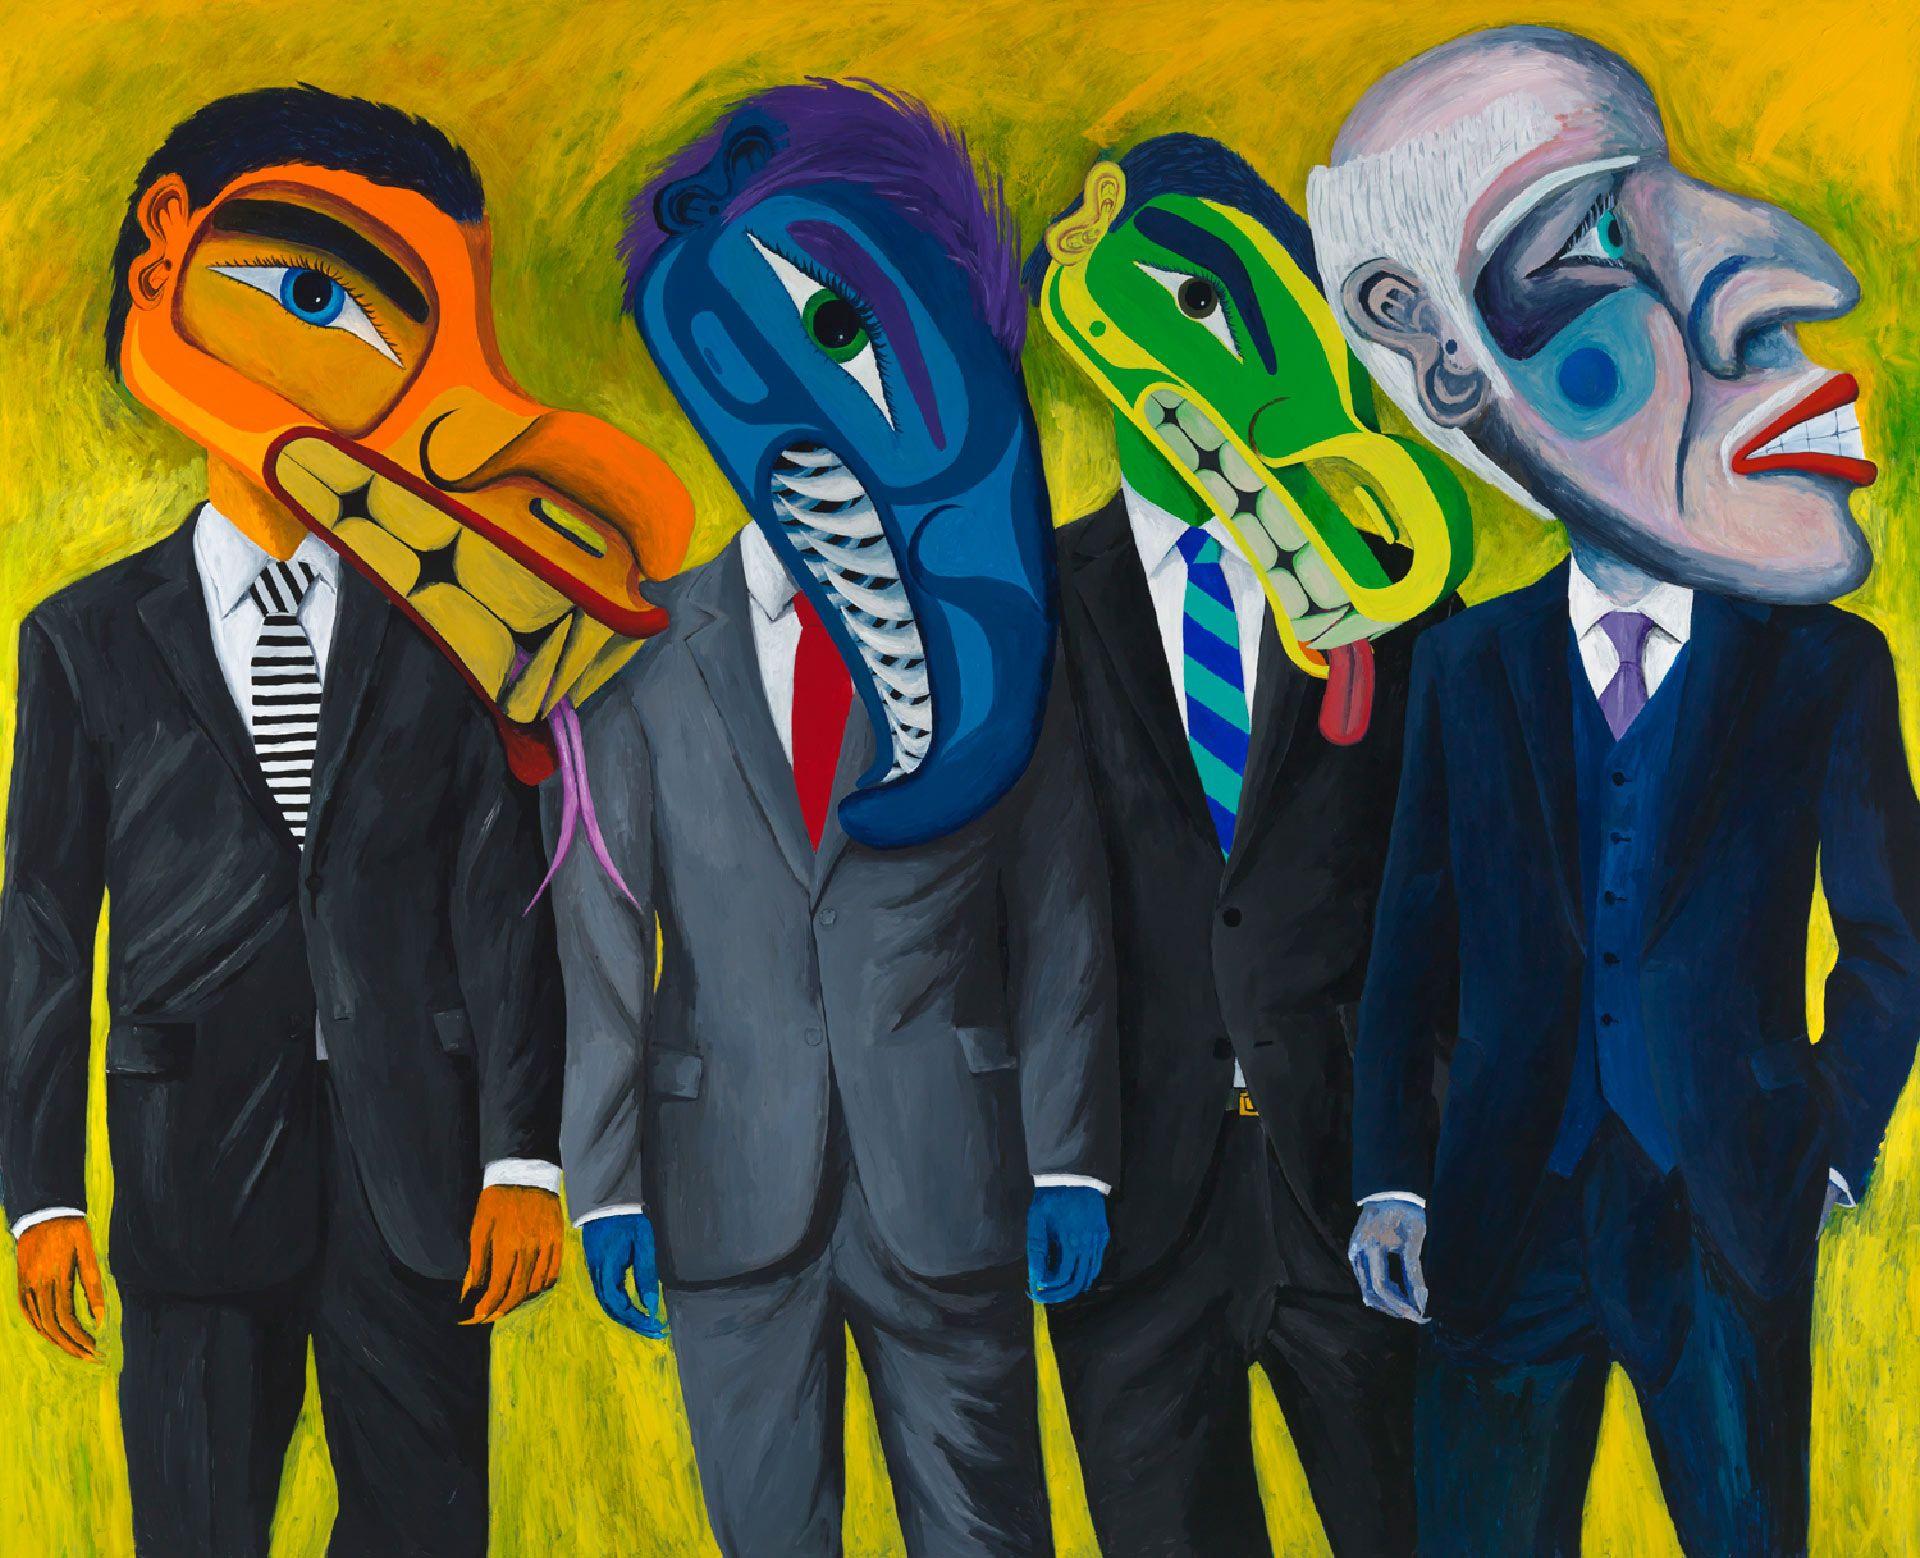 Lawrence Paul Yuxweluptun (né en 1957), Super-rapaces : le un pour cent, 2015, acrylique sur toile. Photo Joseph Hartman.